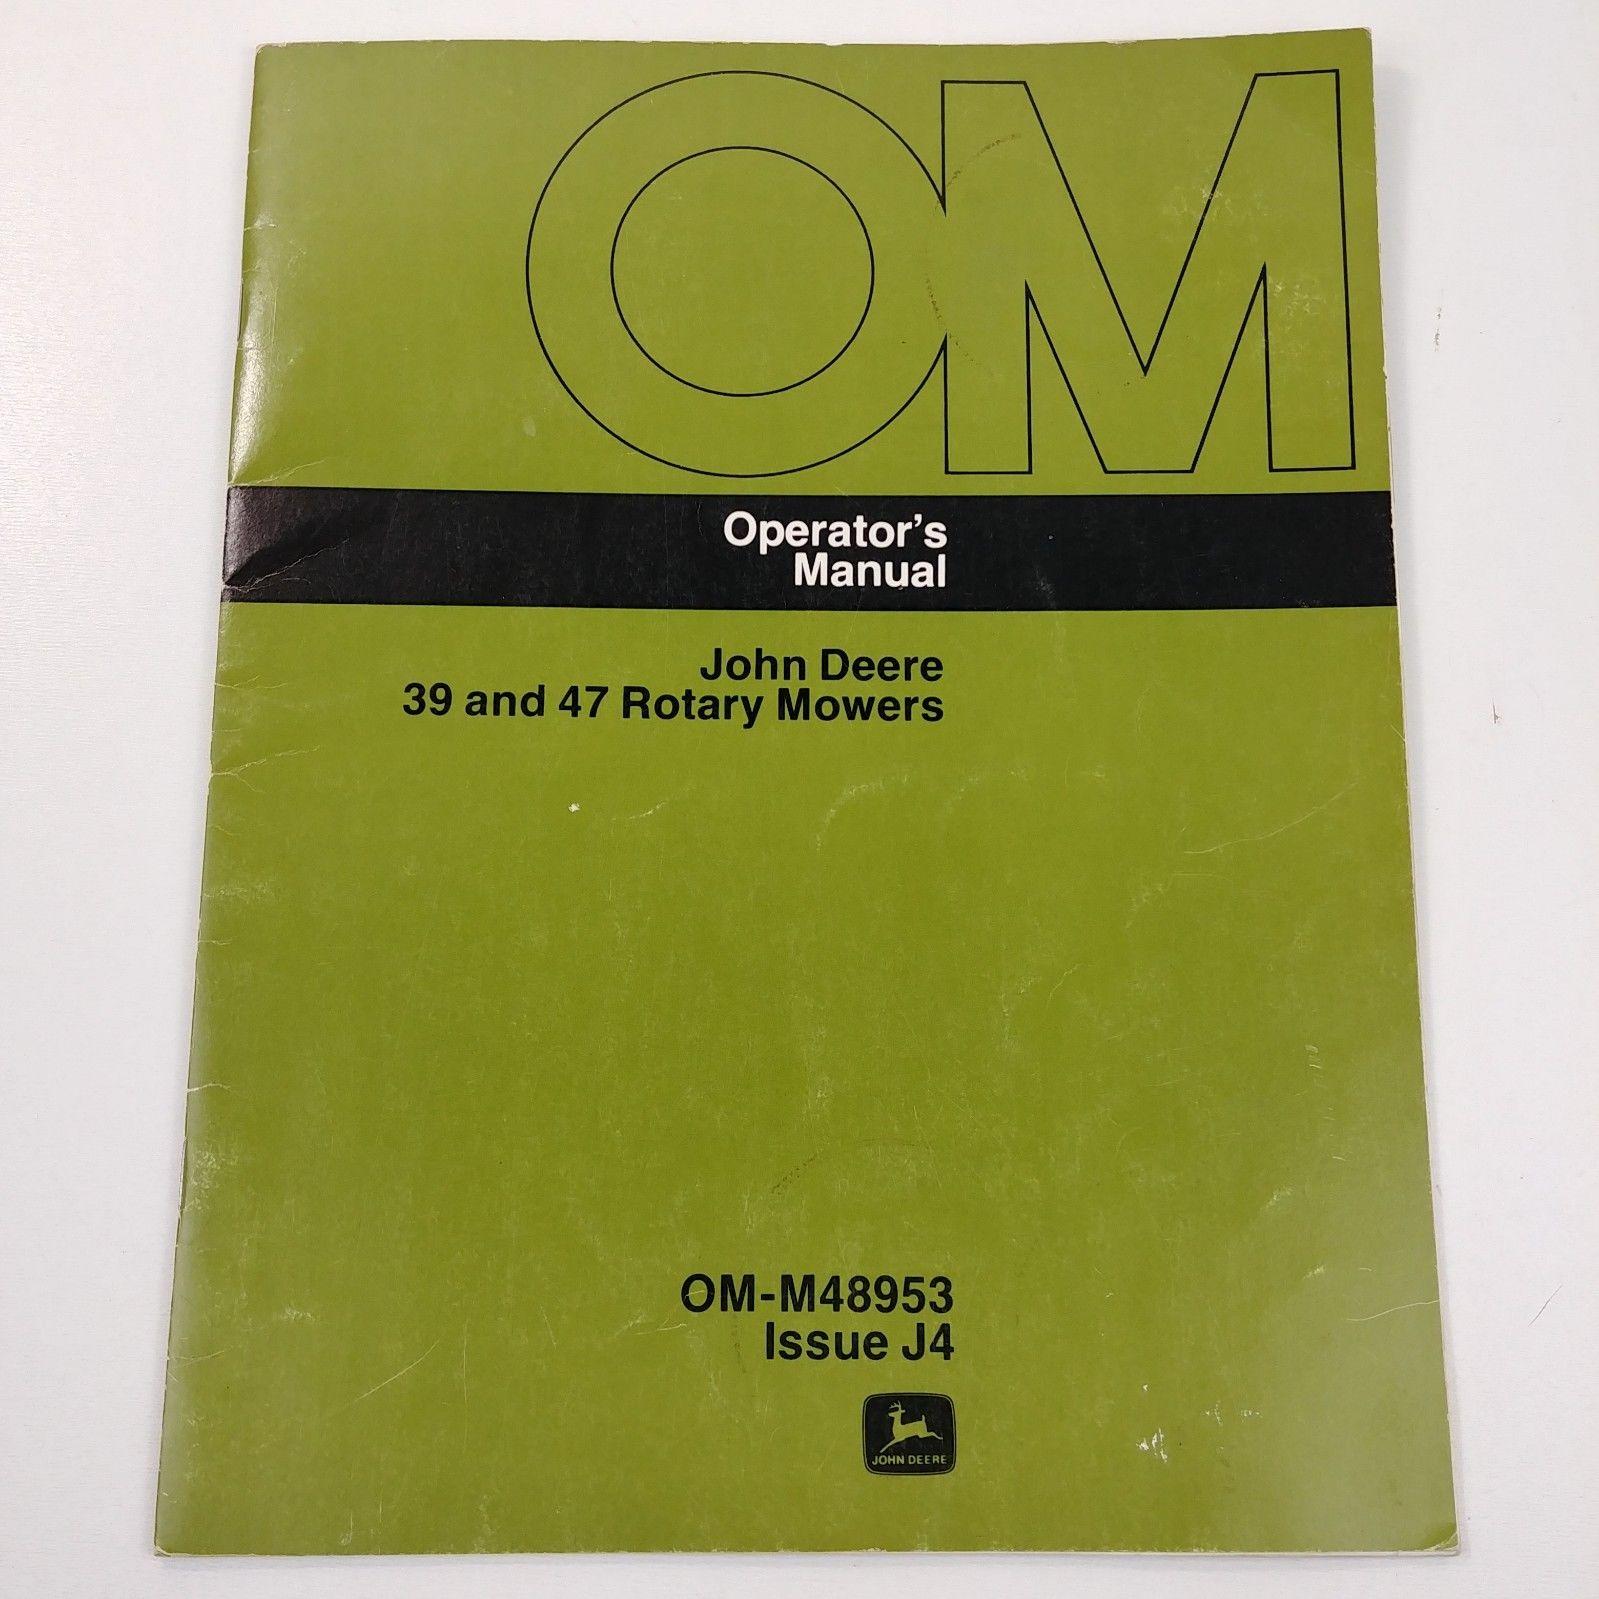 j4 manual